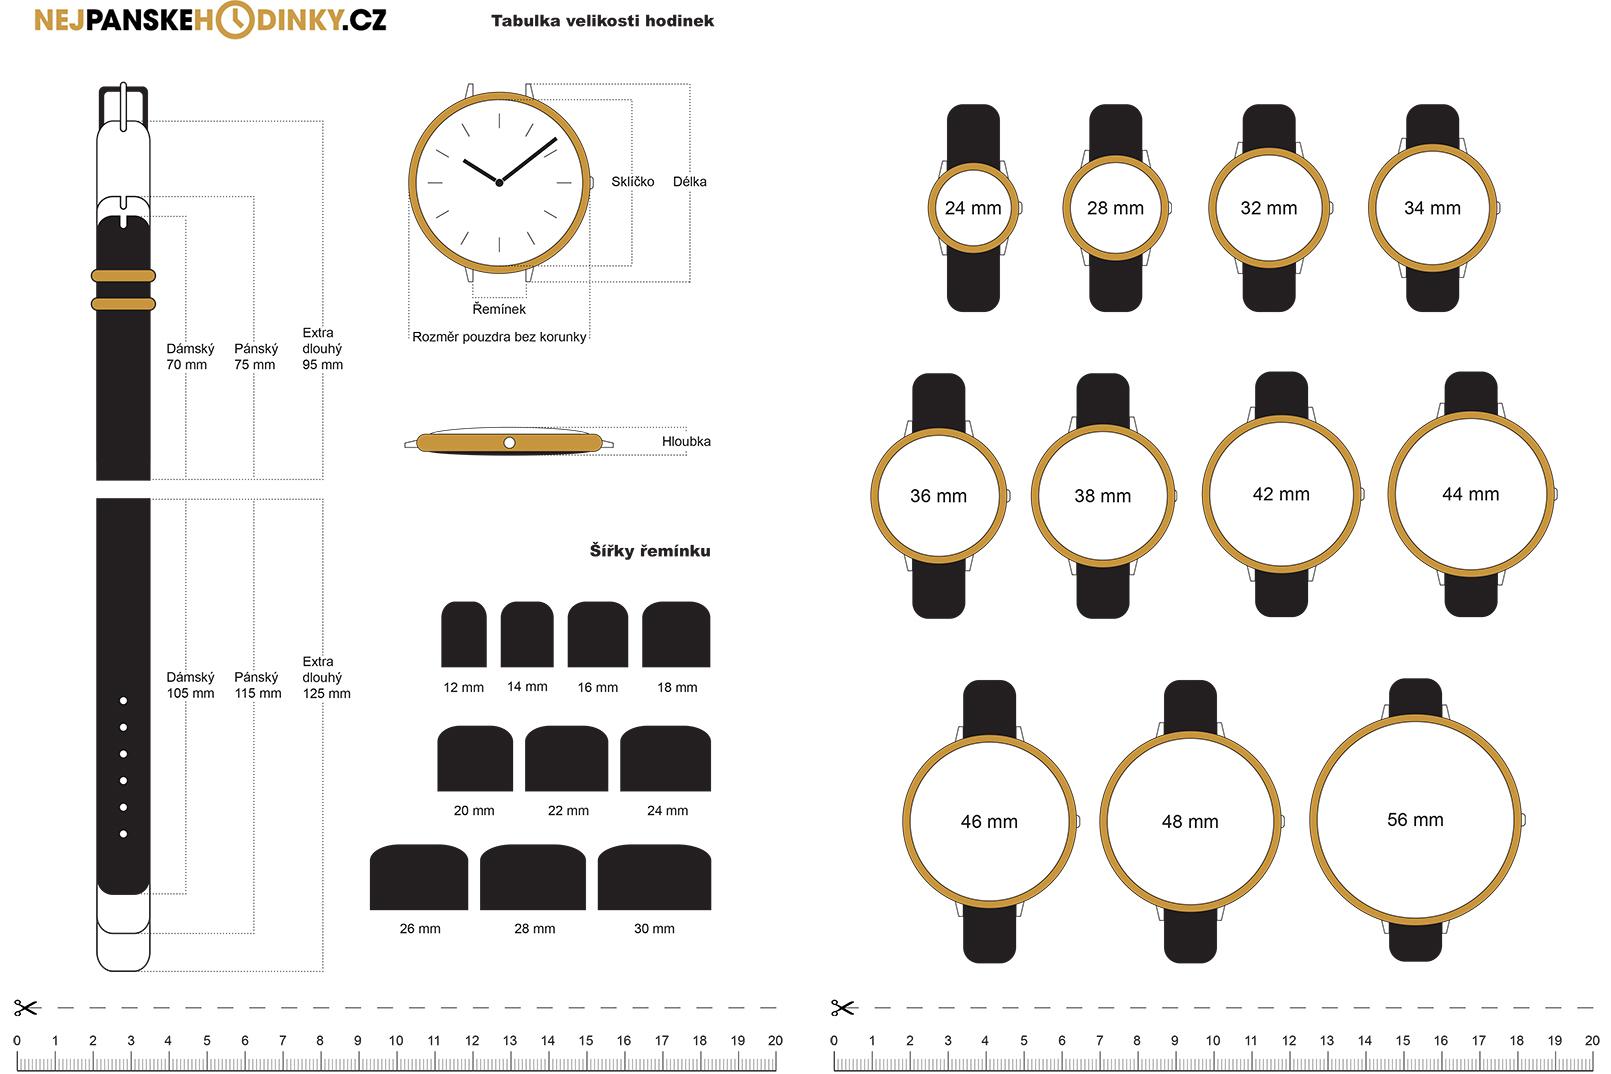 tabulka_velikosti_hodinek_(1)-1_2_copy